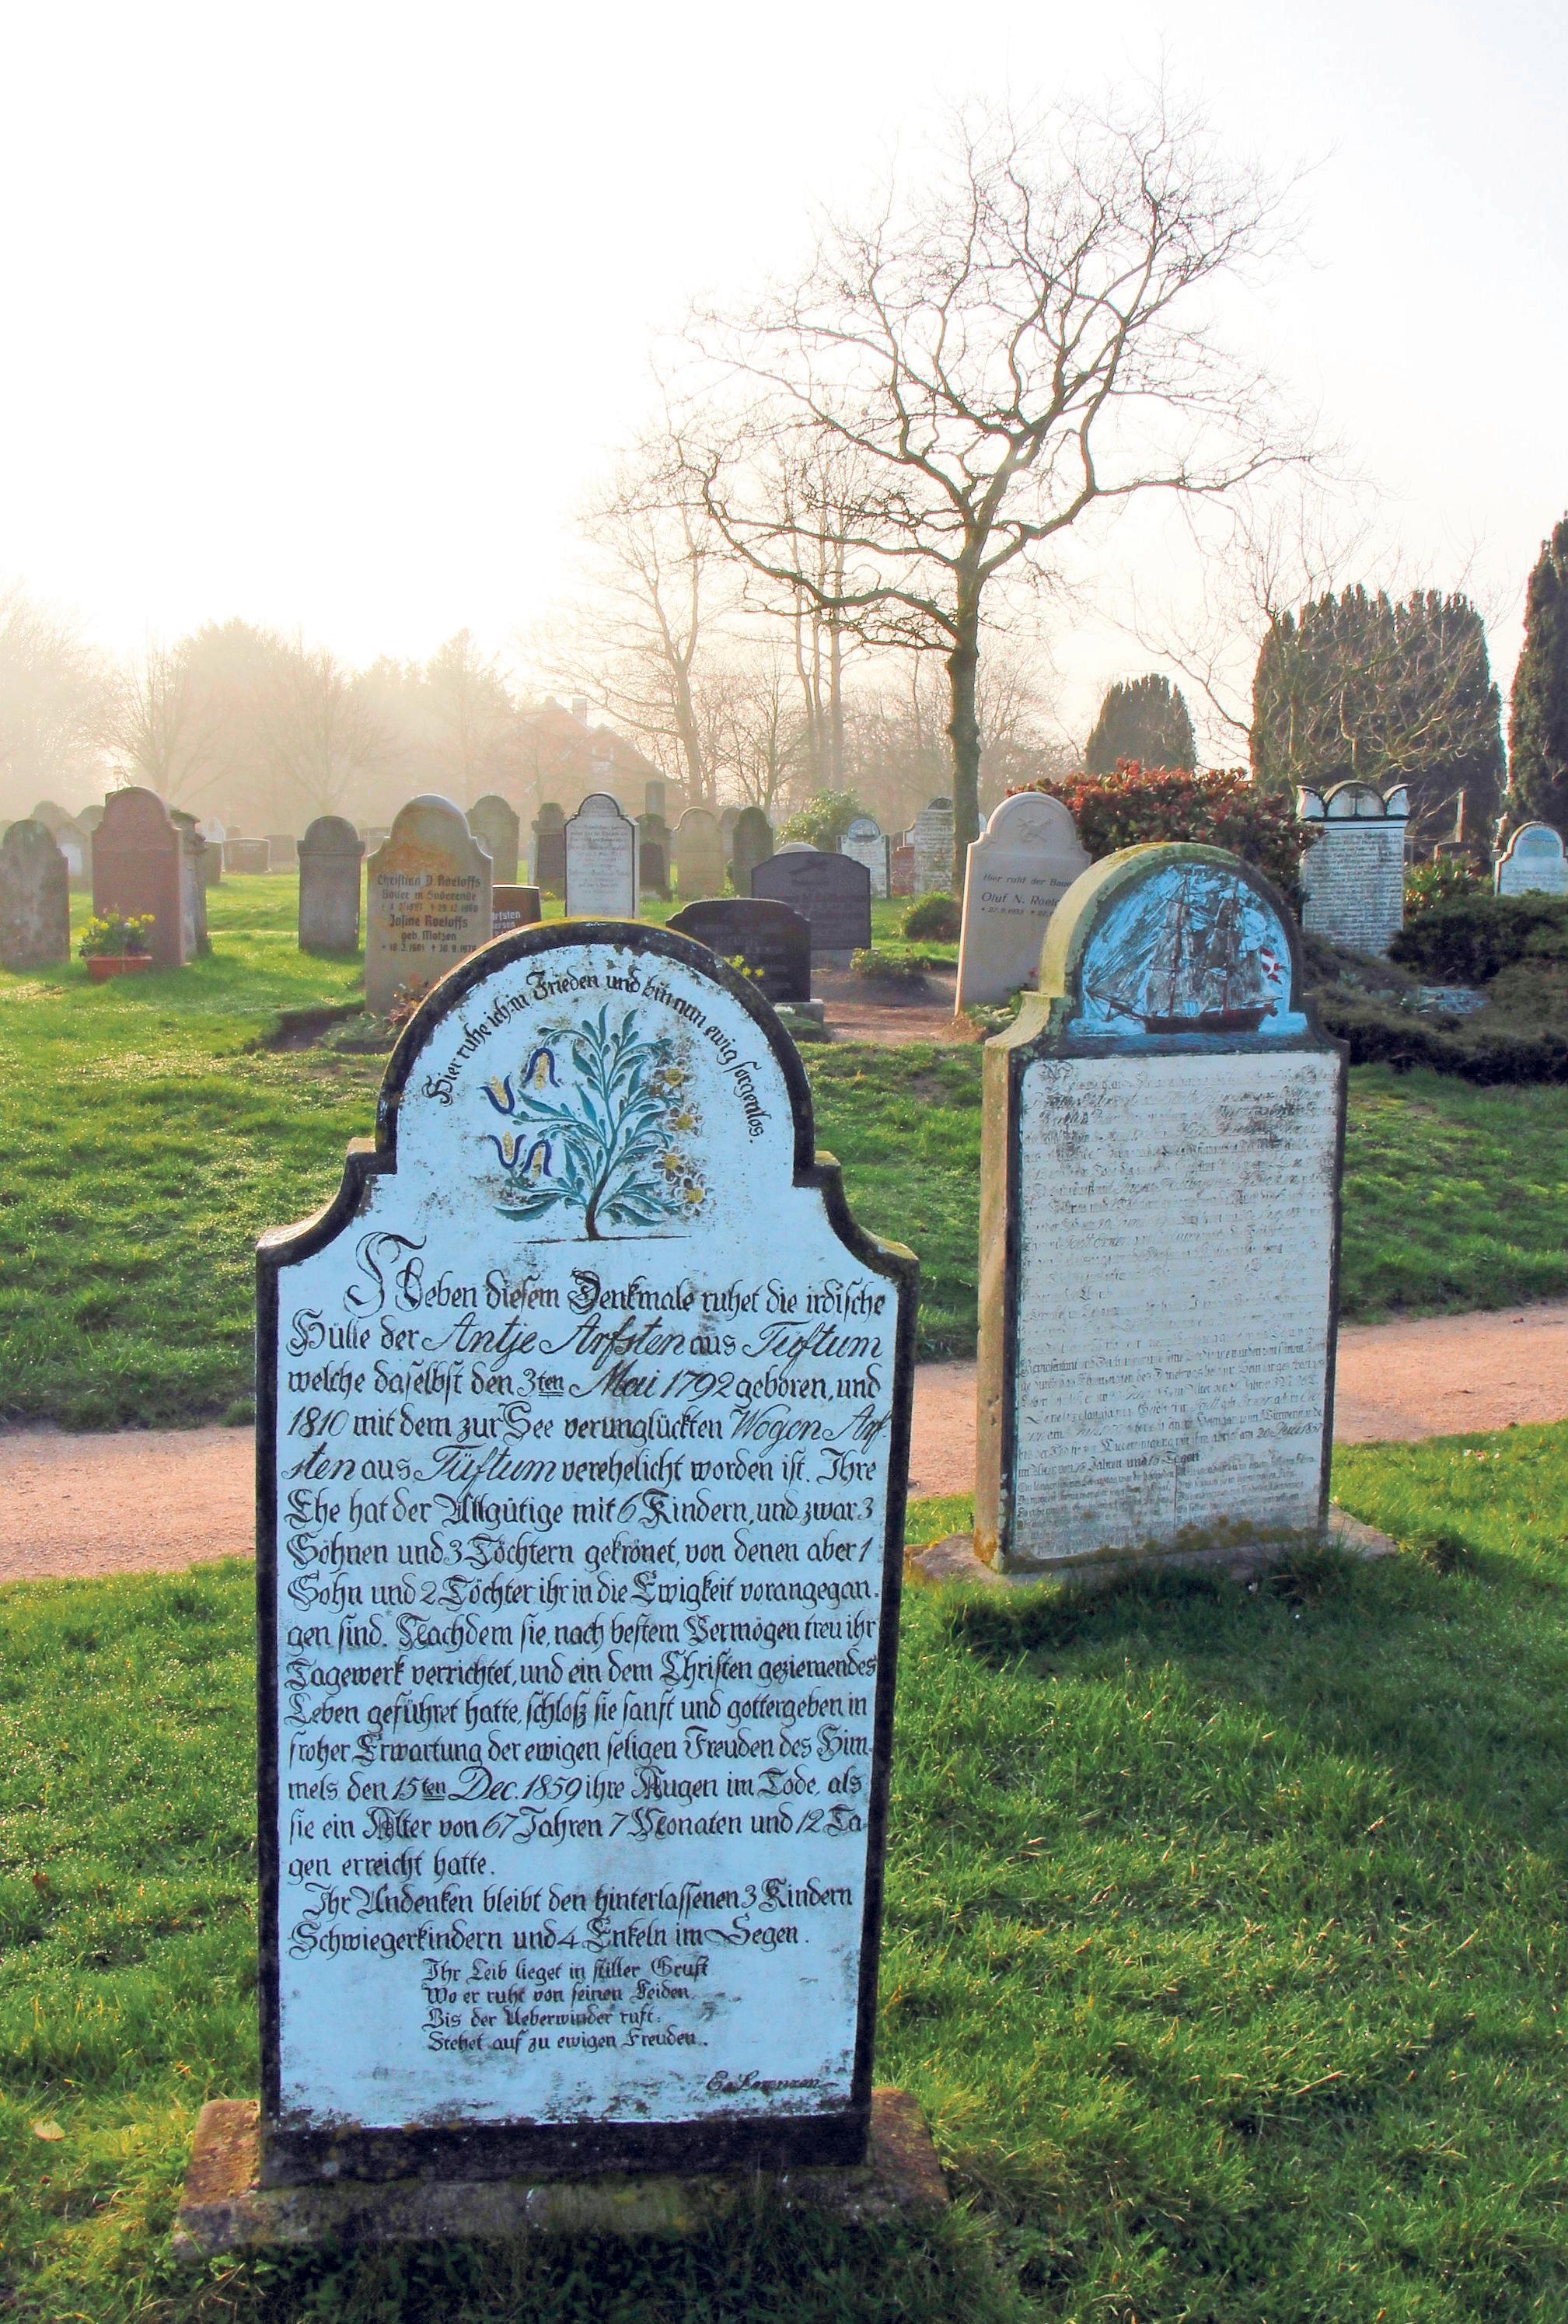 """Geschichten über die Toten als Erinnerung für die Lebenden: Auf den Friedhöfen der Insel Föhr sind – wie hier in Süderende – viele alte """"sprechende Grabsteine"""" zu finden."""